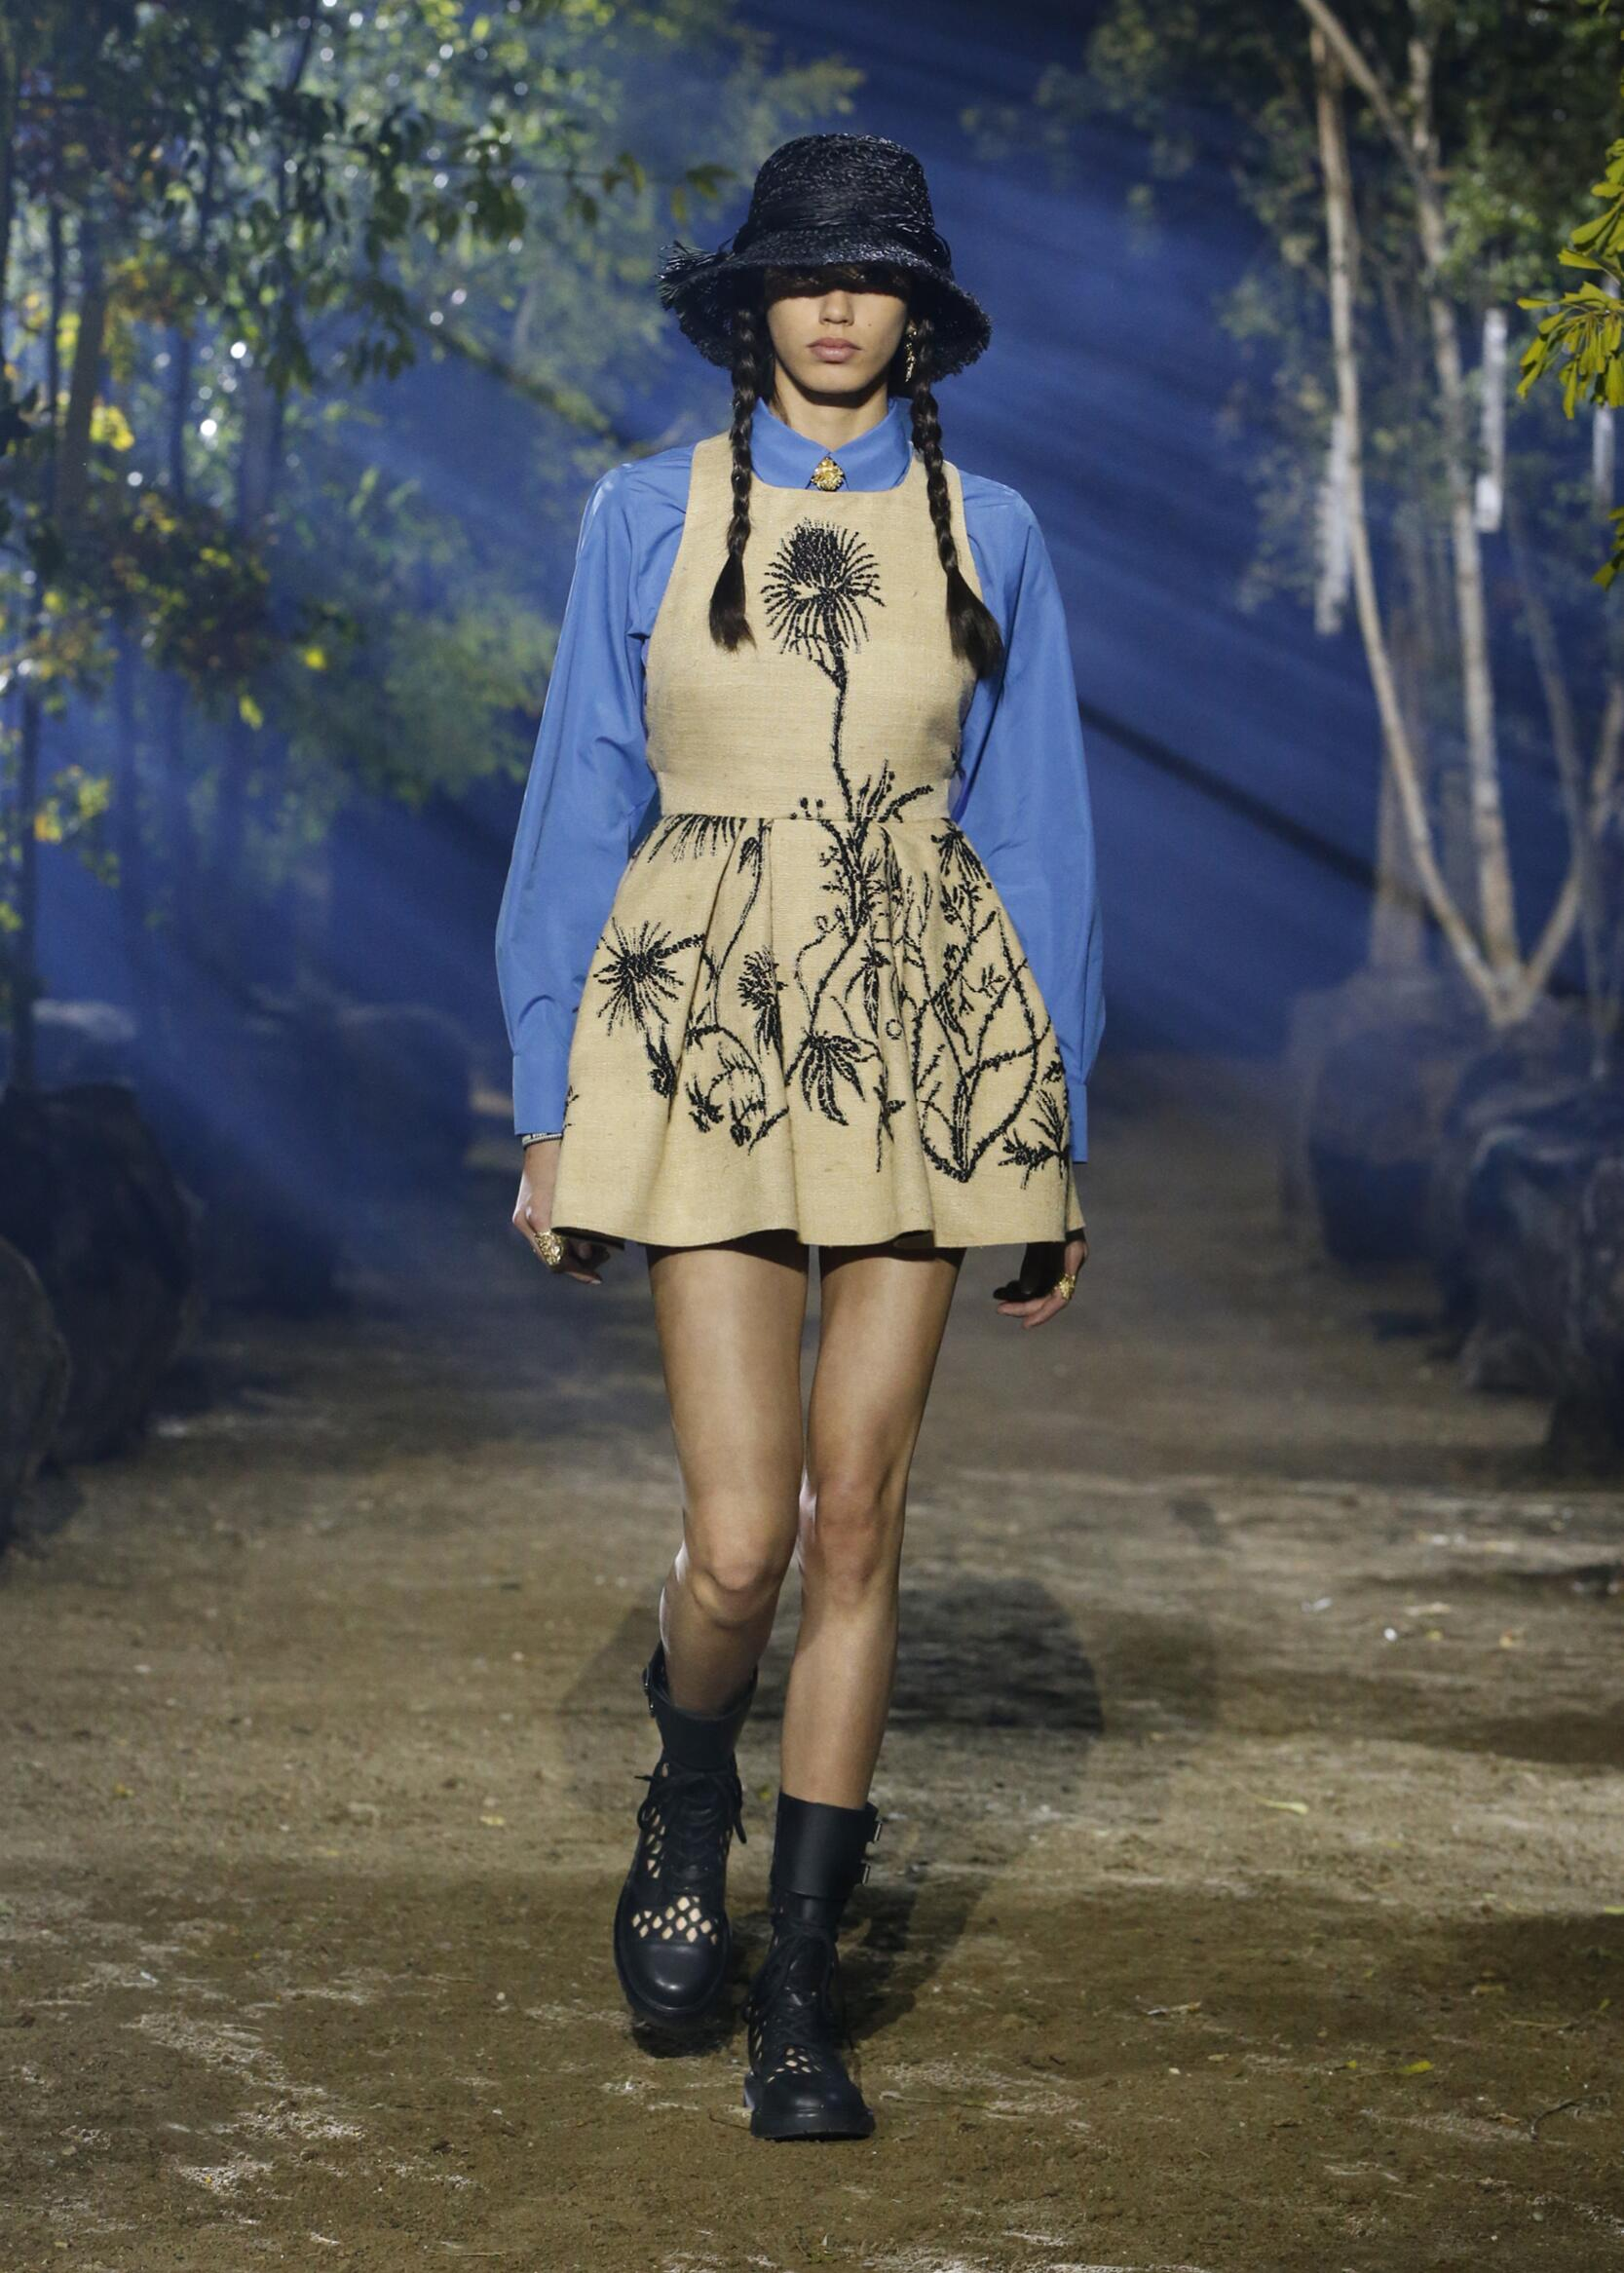 SS 2020 Dior Fashion Show